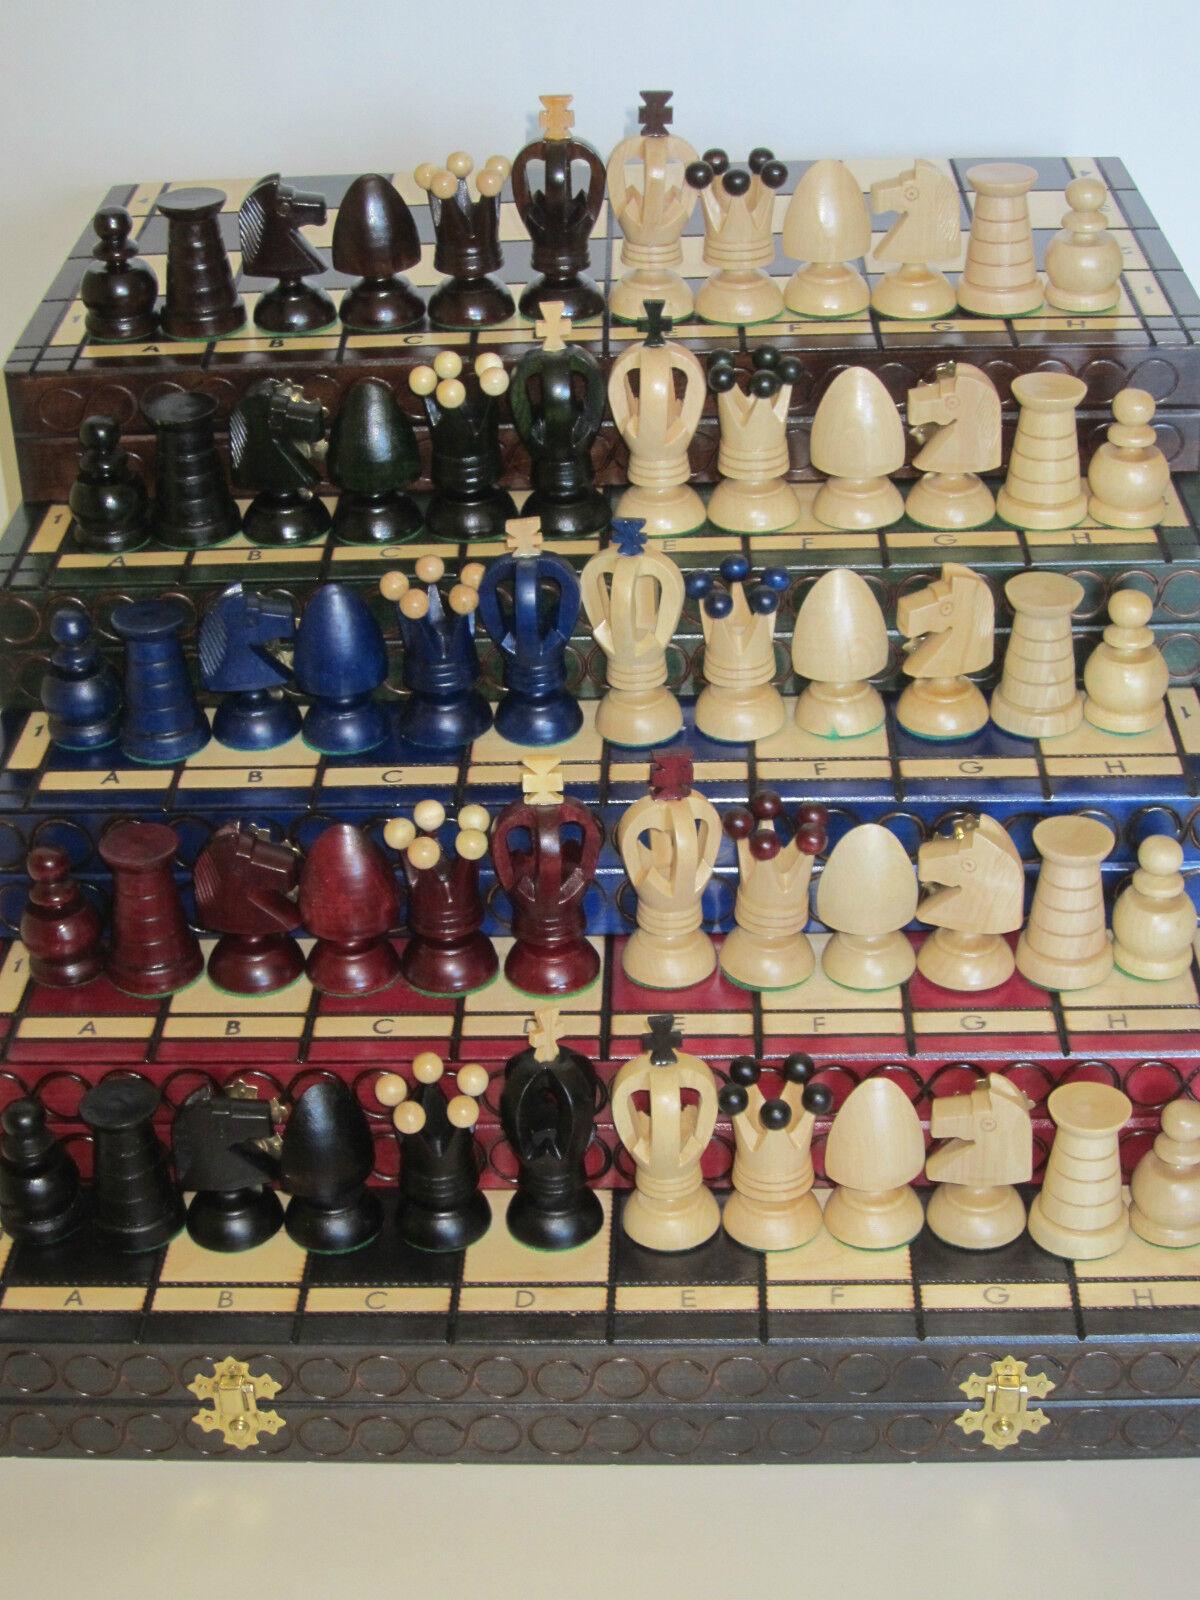 Schach Schachspiel Schachspiel Schachspiel Schachbrett Royal 44 x 44 cm Holz braun grün rot schwarz b9c371